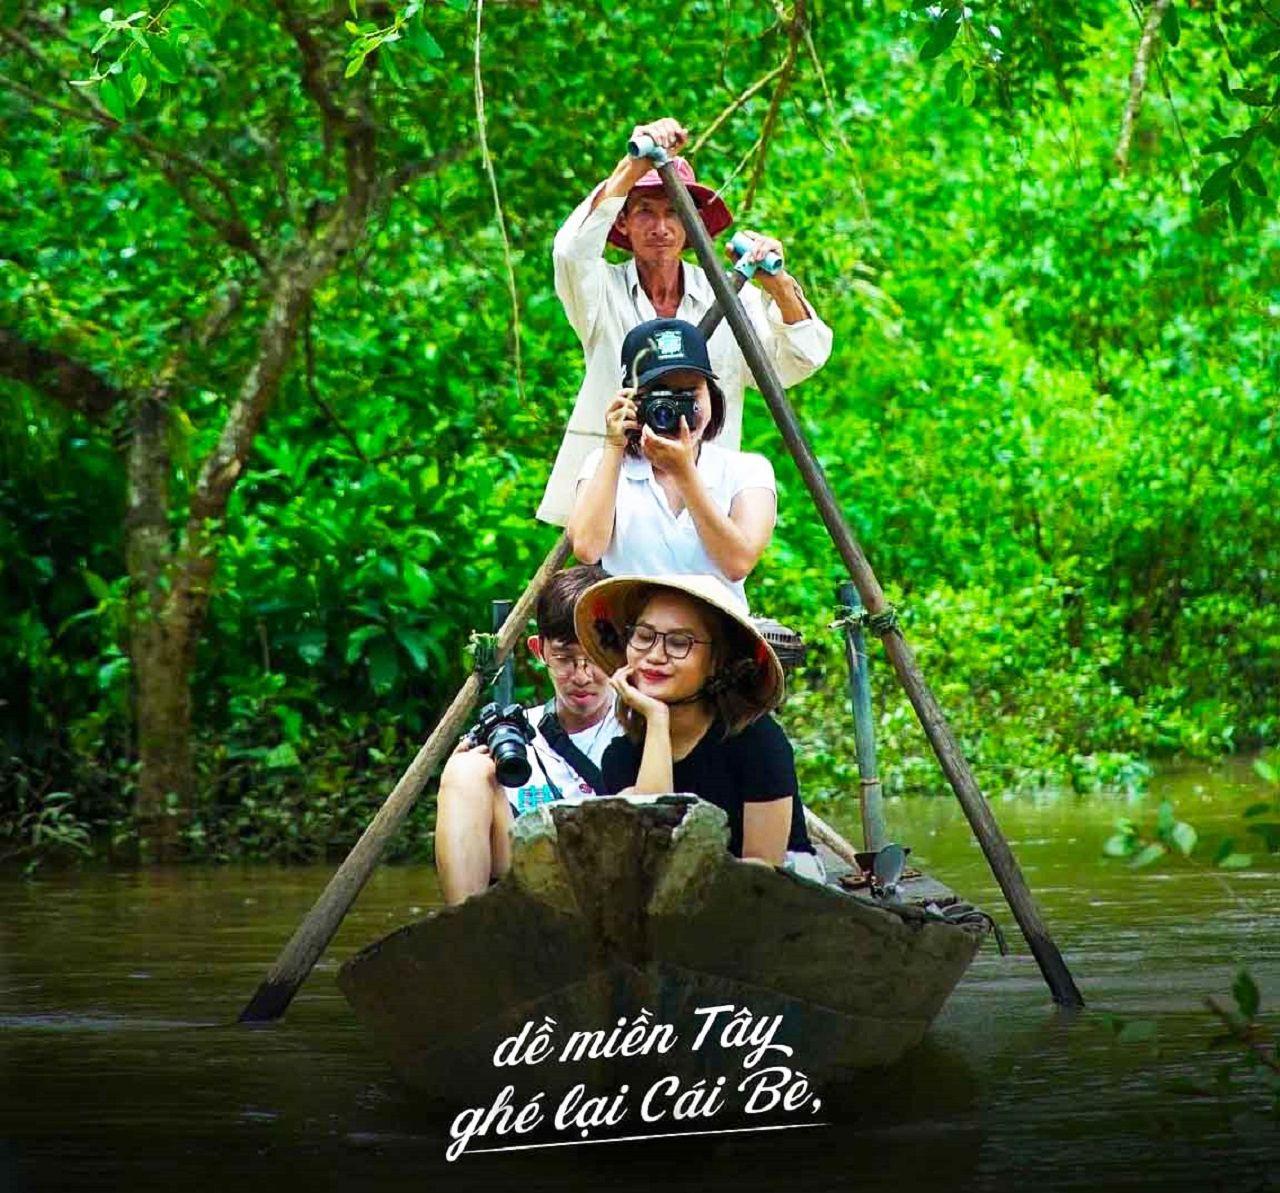 Xuồng chèo cực đẹp tại cù lao Tân Phong